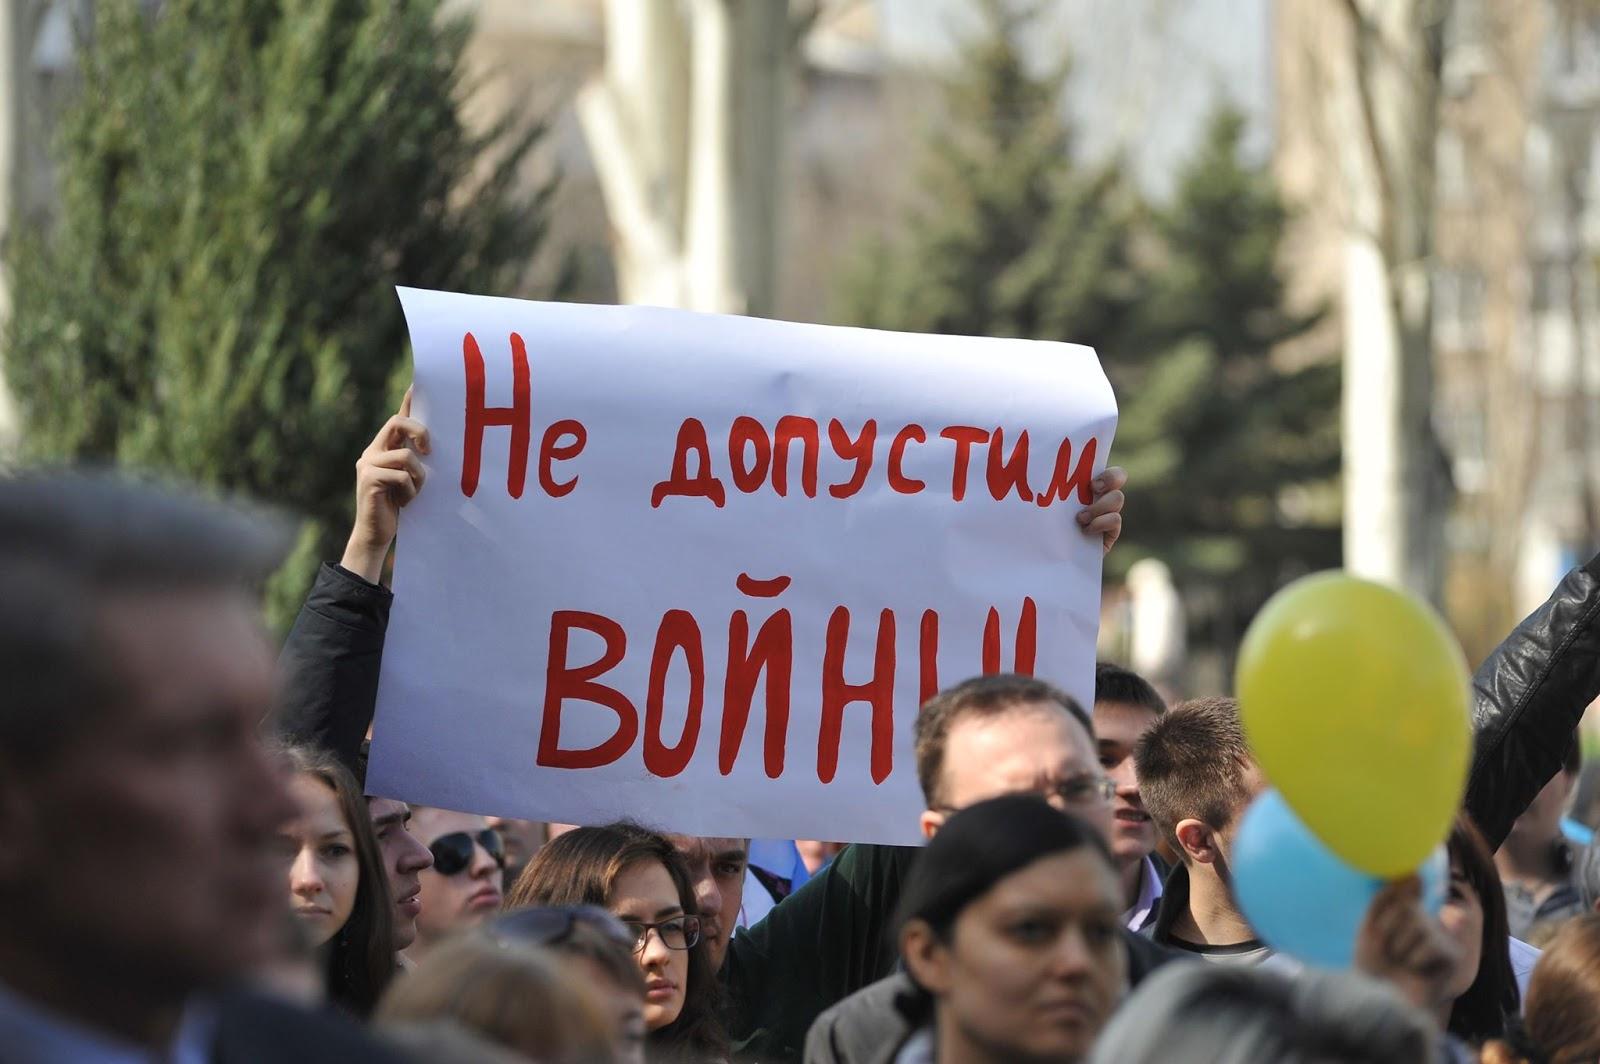 Луганск проукраинский митинг 17 апреля 2017